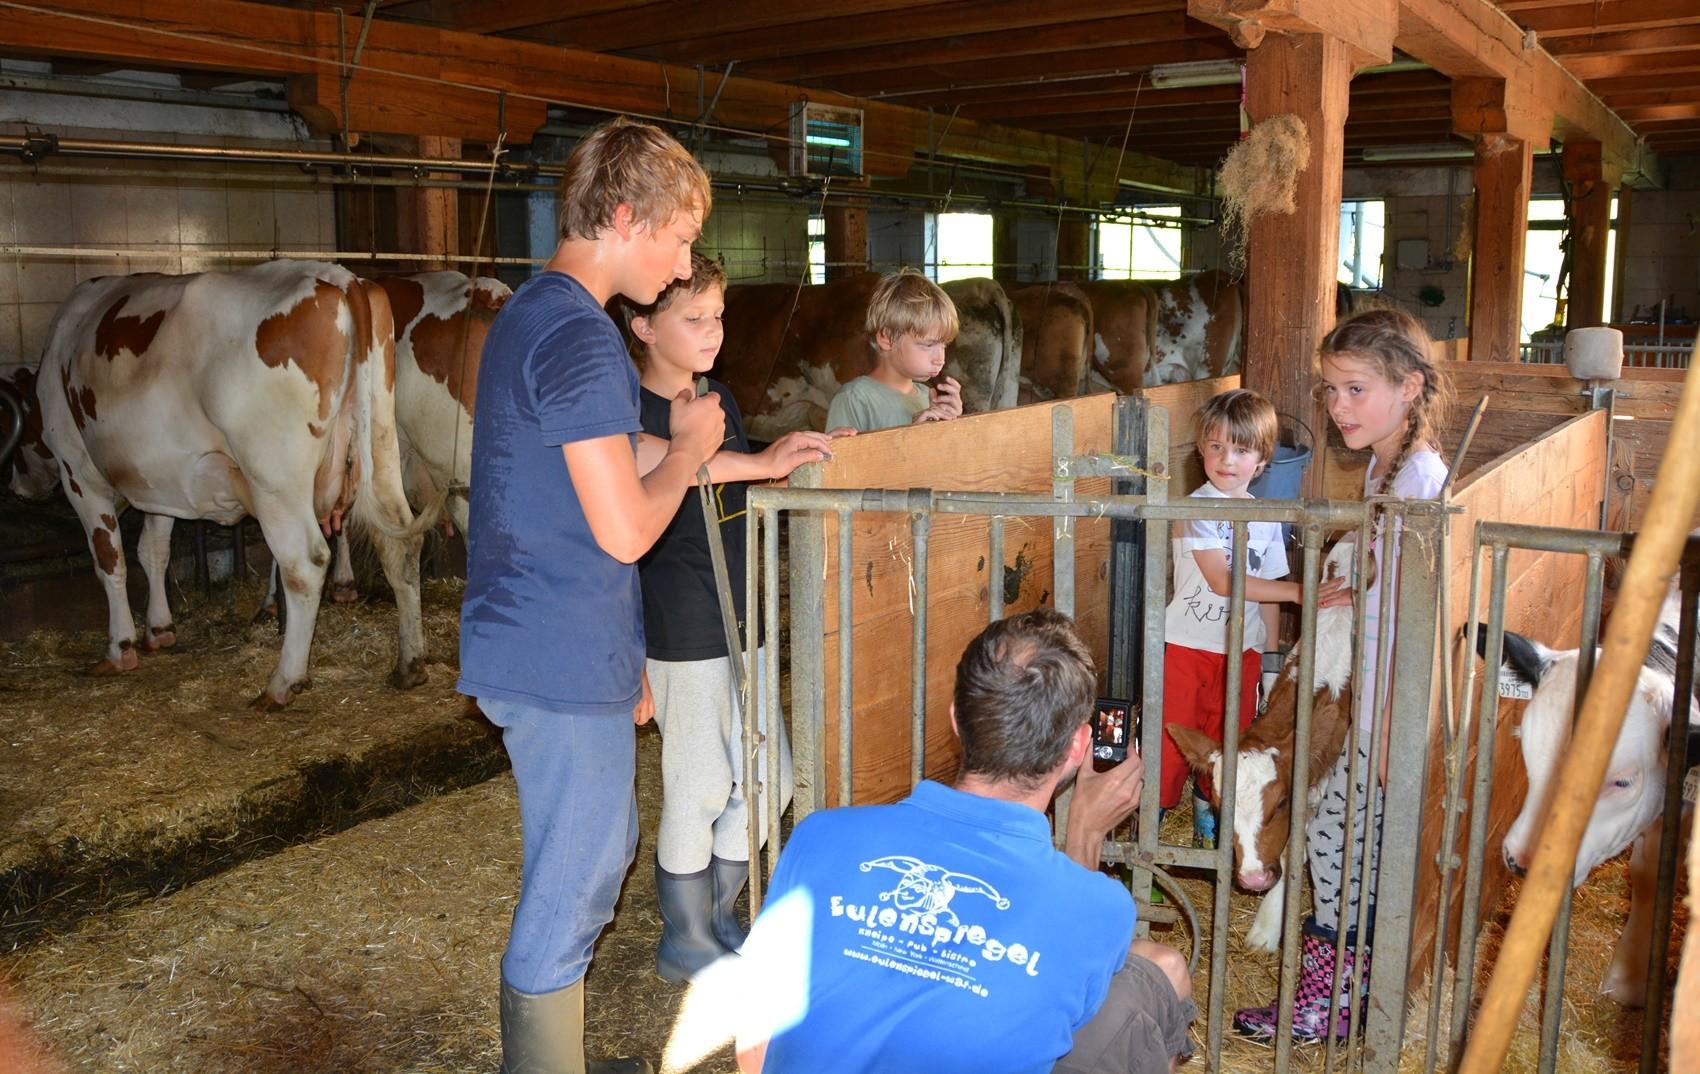 Auch die größeren Kinder arbeiten gerne im Stall bei der Betreuung der Tiere mit